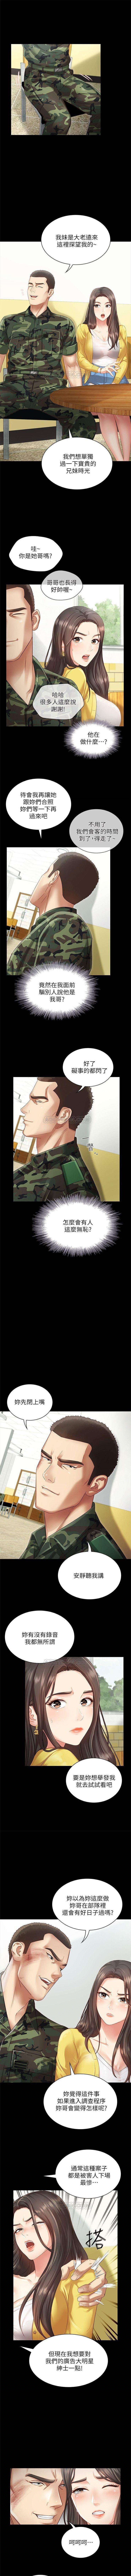 (周6)妹妹的义务 1-13 中文翻译(更新中) 20